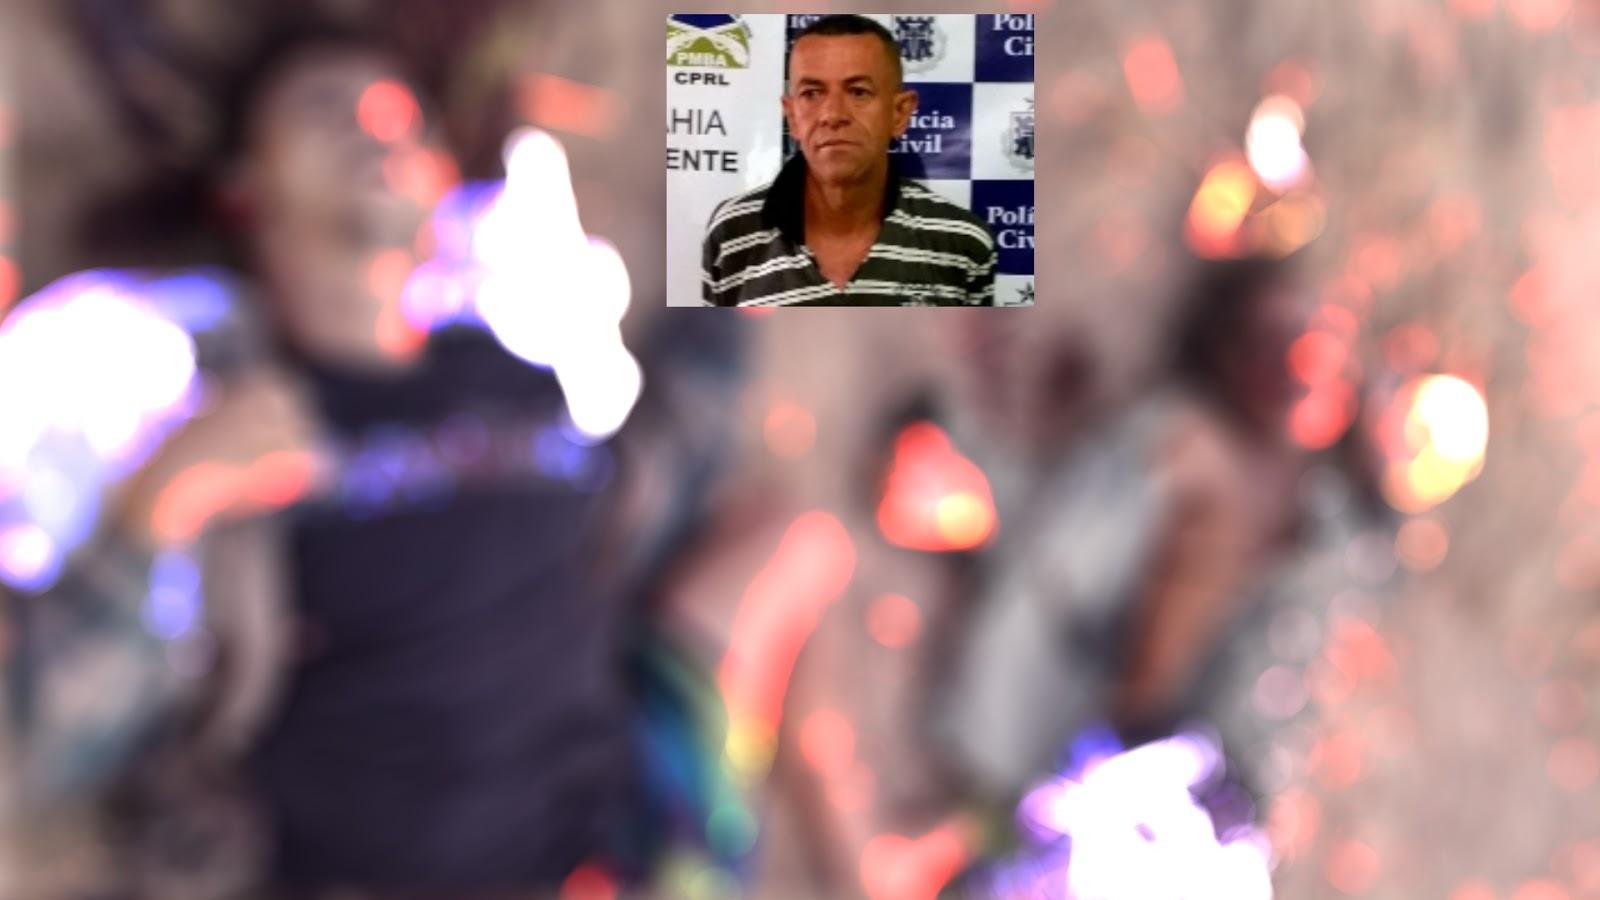 EXECUÇÃO: CORPO DE AMARGOSENSE E MAIS 2 HOMENS SÃO ENCONTRADOS EM SANTA TERESINHA